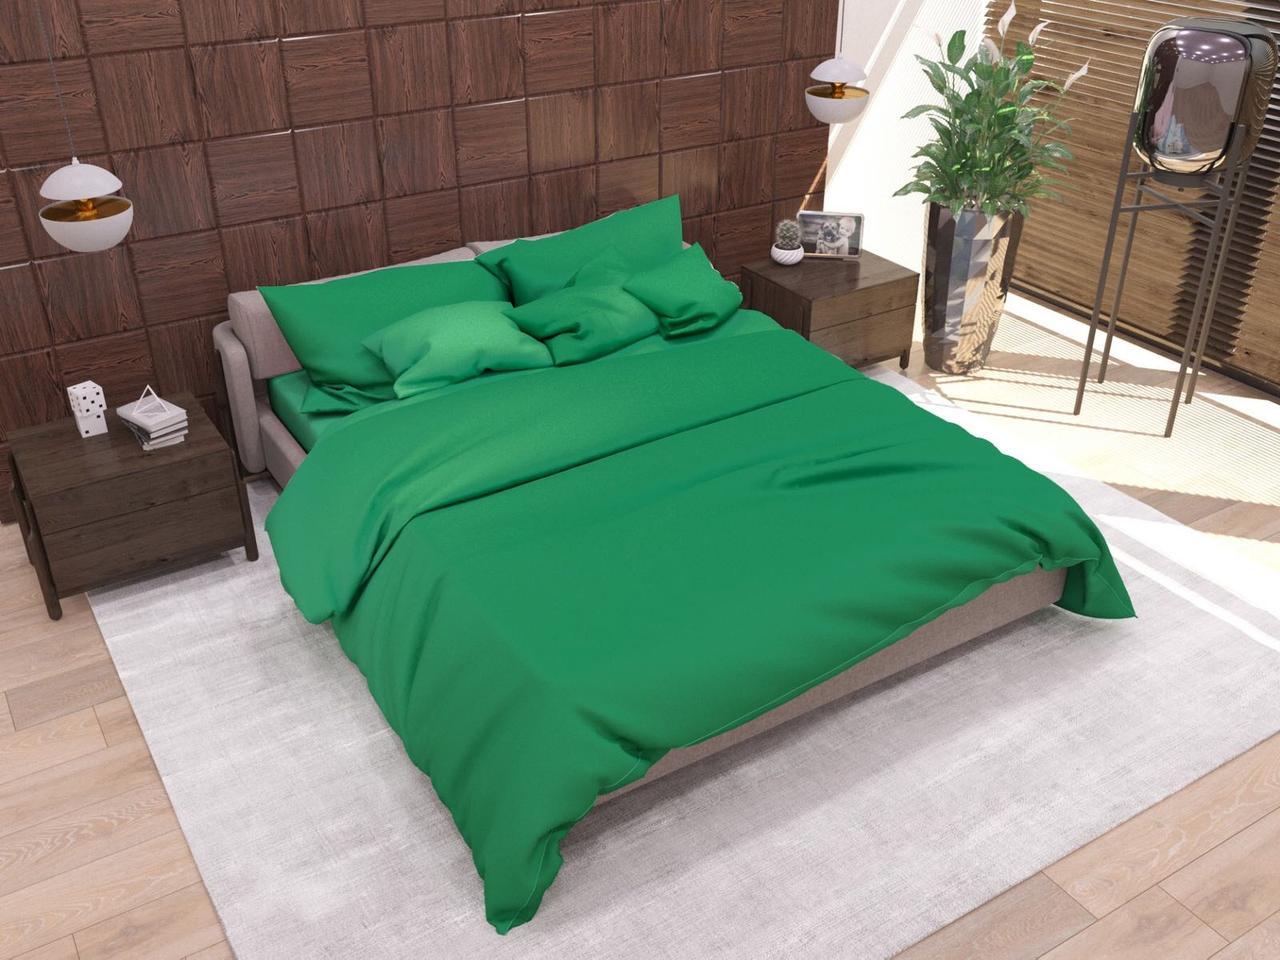 """Комплект постельного белья ТМ """"Ловец снов"""", Однотонный зеленый"""